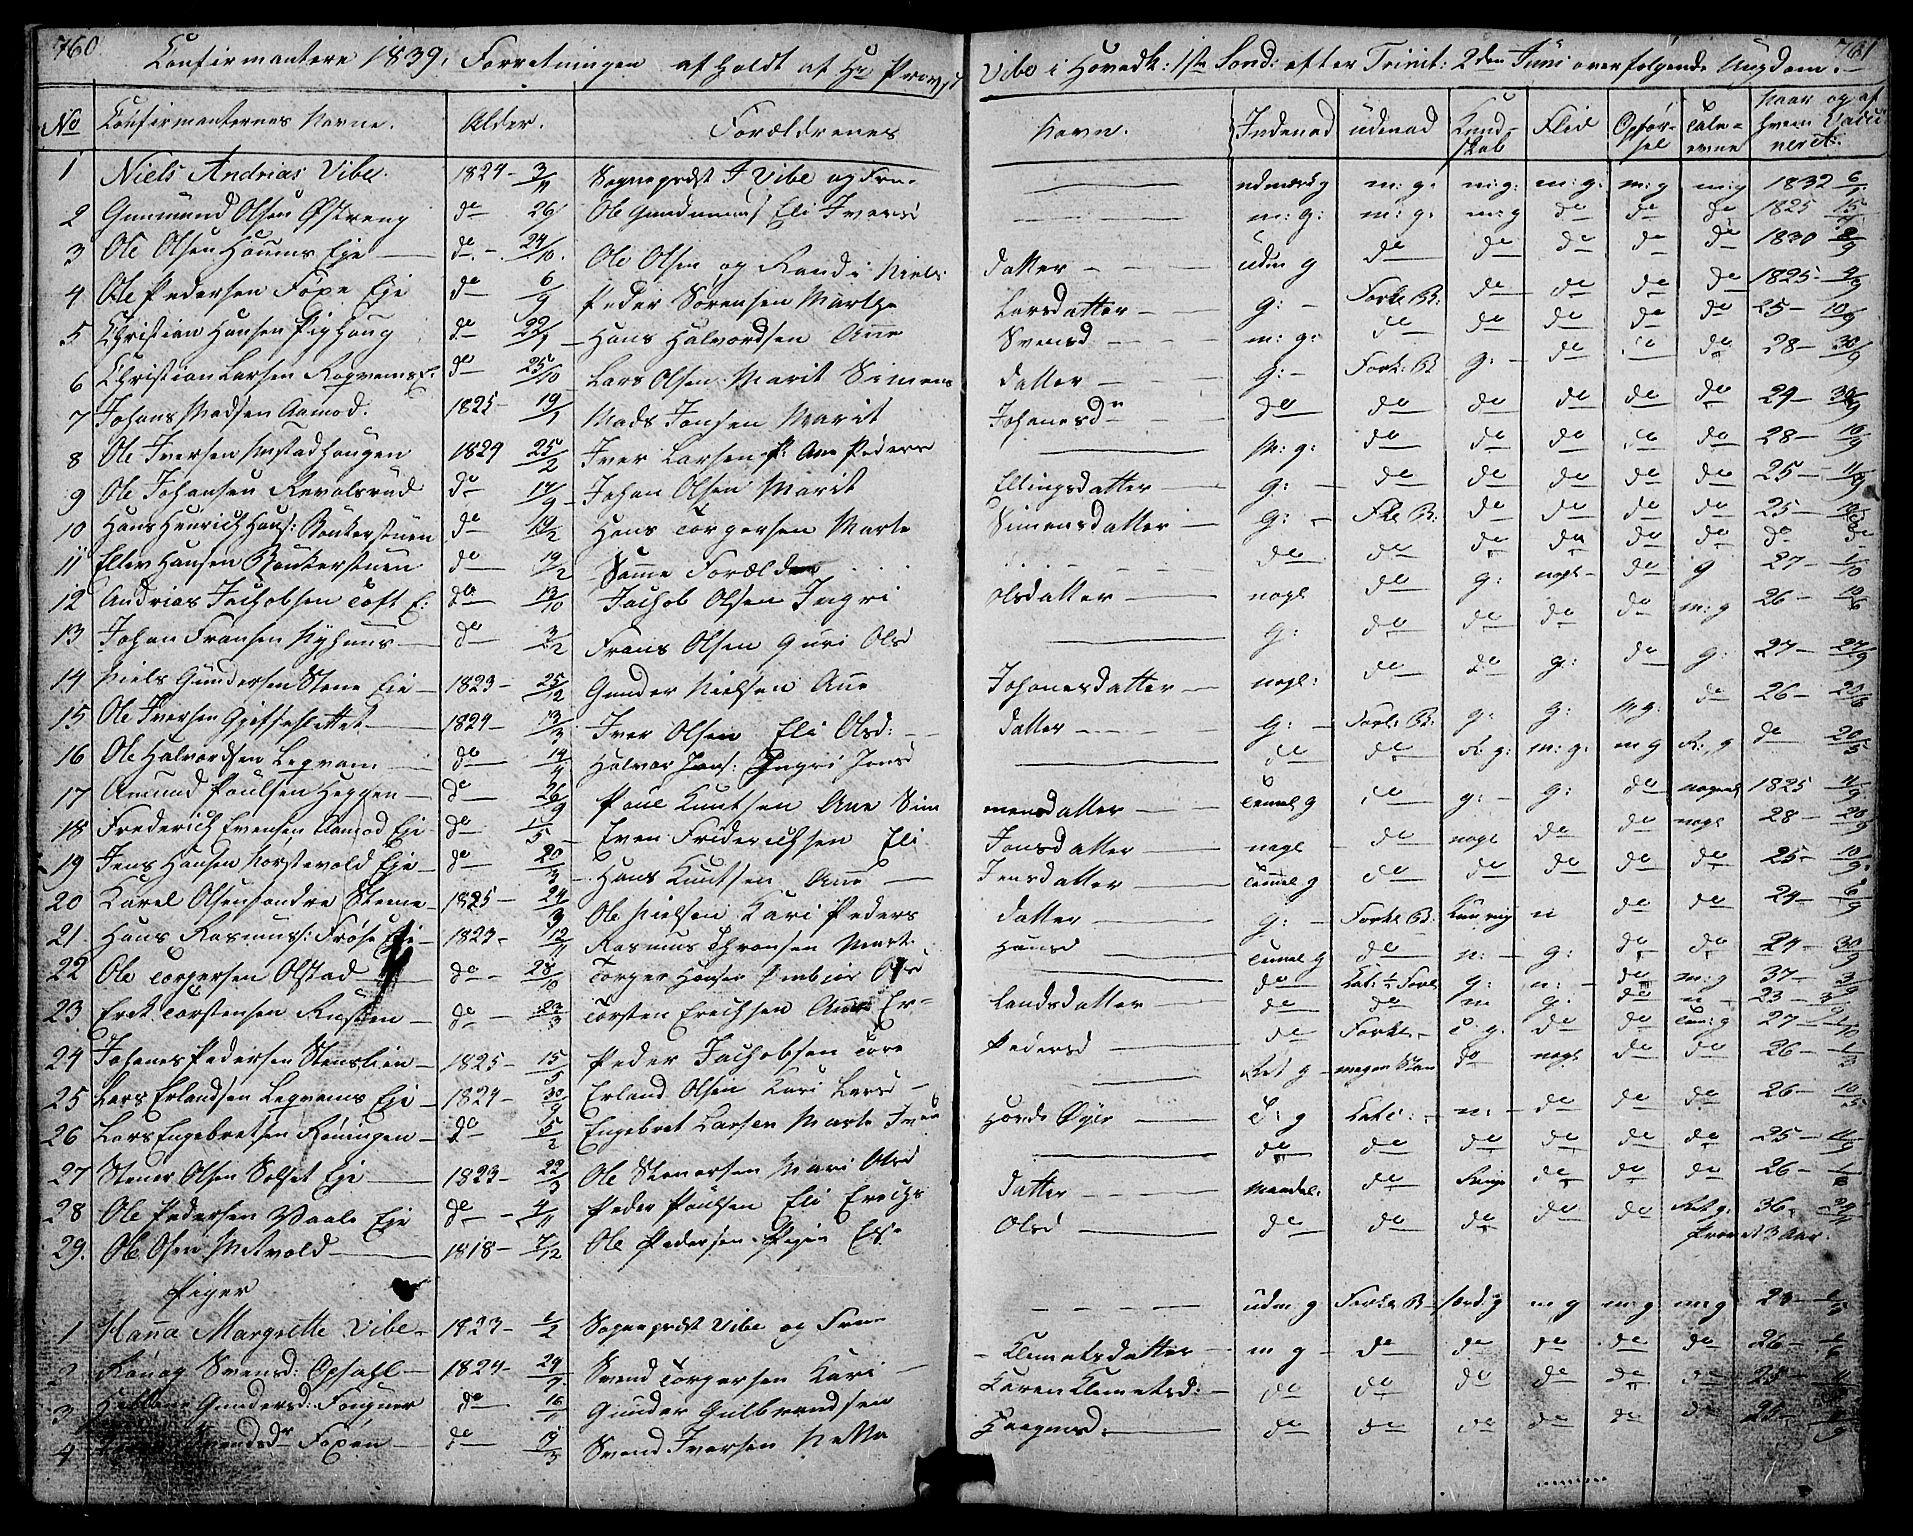 SAH, Gausdal prestekontor, Klokkerbok nr. 4, 1835-1870, s. 760-761